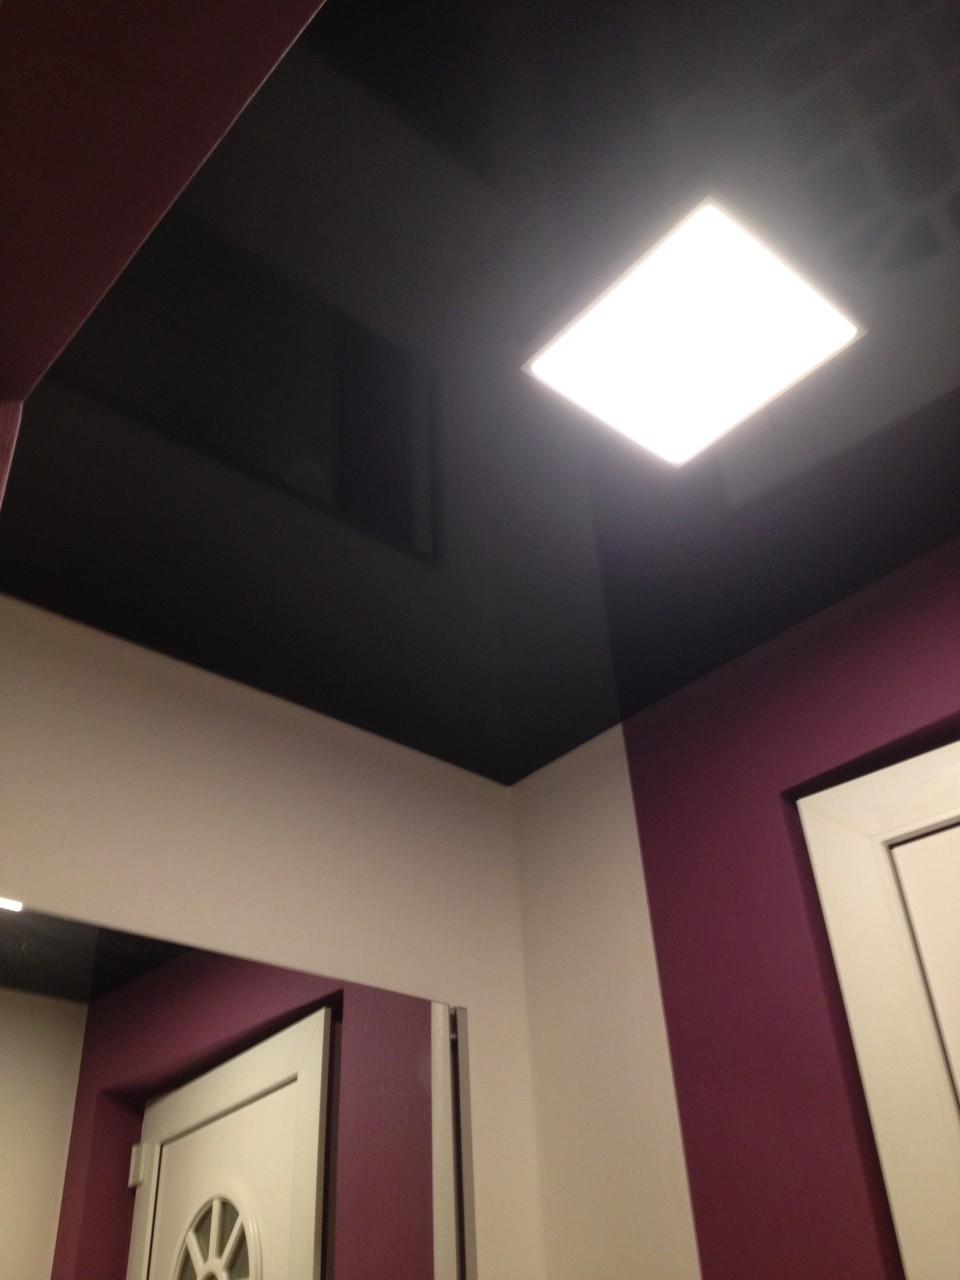 Spanndecke mit Deckenlampe schwarz glänzend Flur Einfamilienhaus Unna